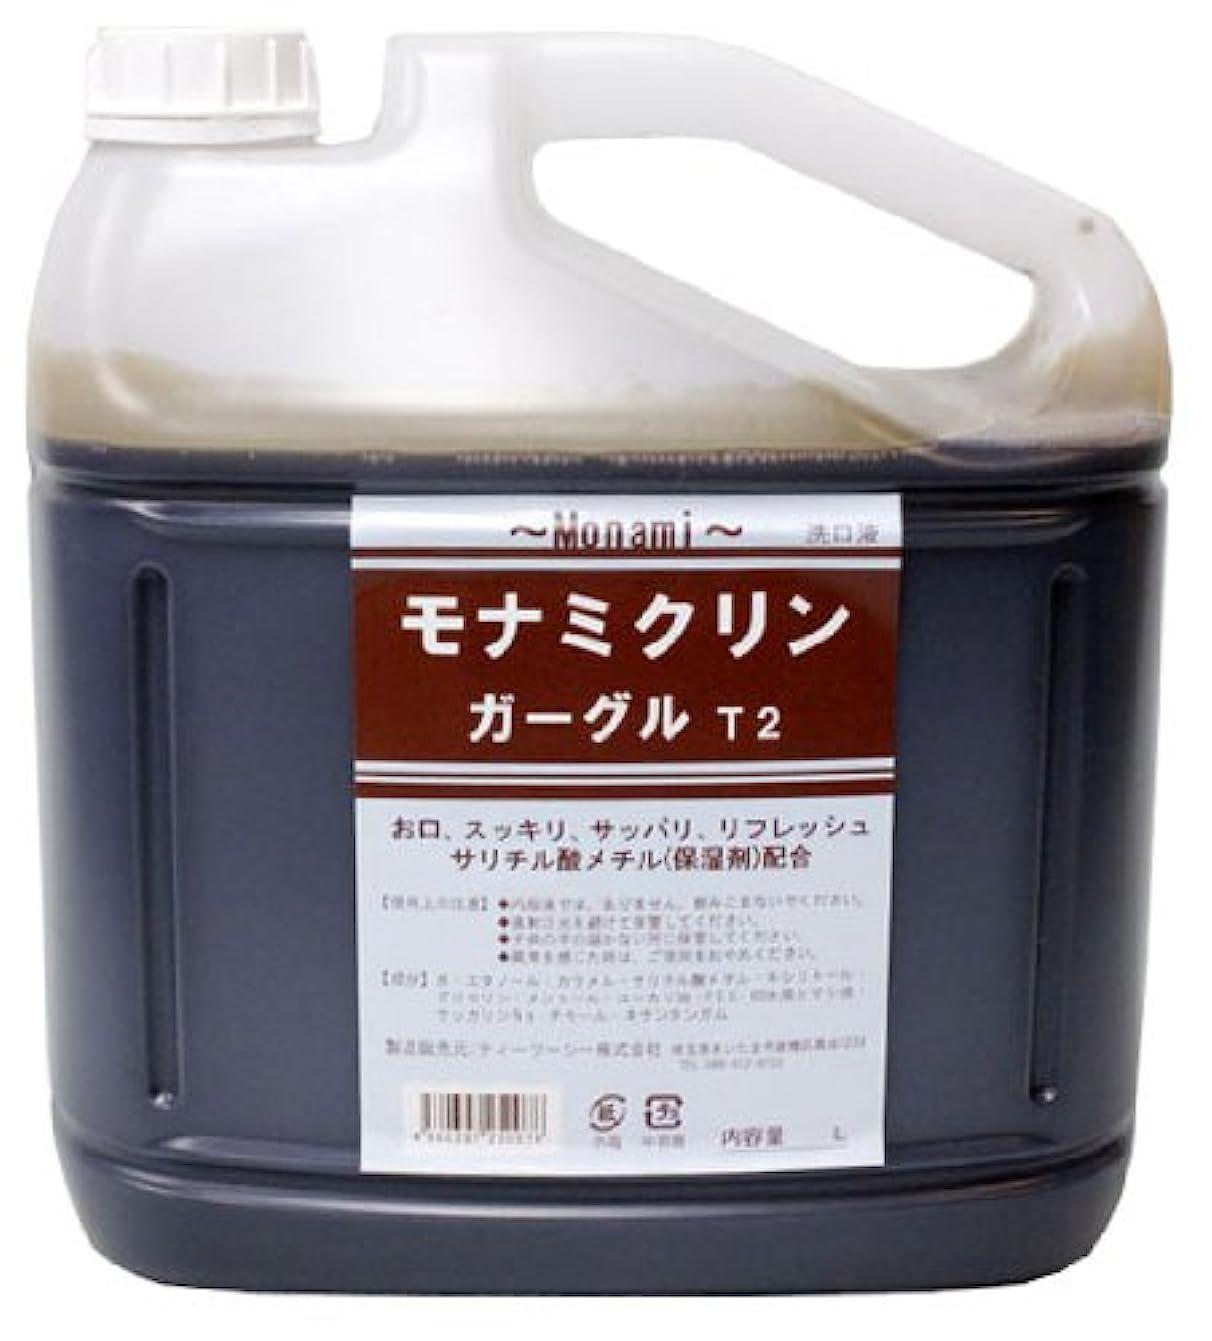 オンスマインドフル正午【業務用】モナミ クリンガーグルT2 5リットル サリチル酸メチル配合